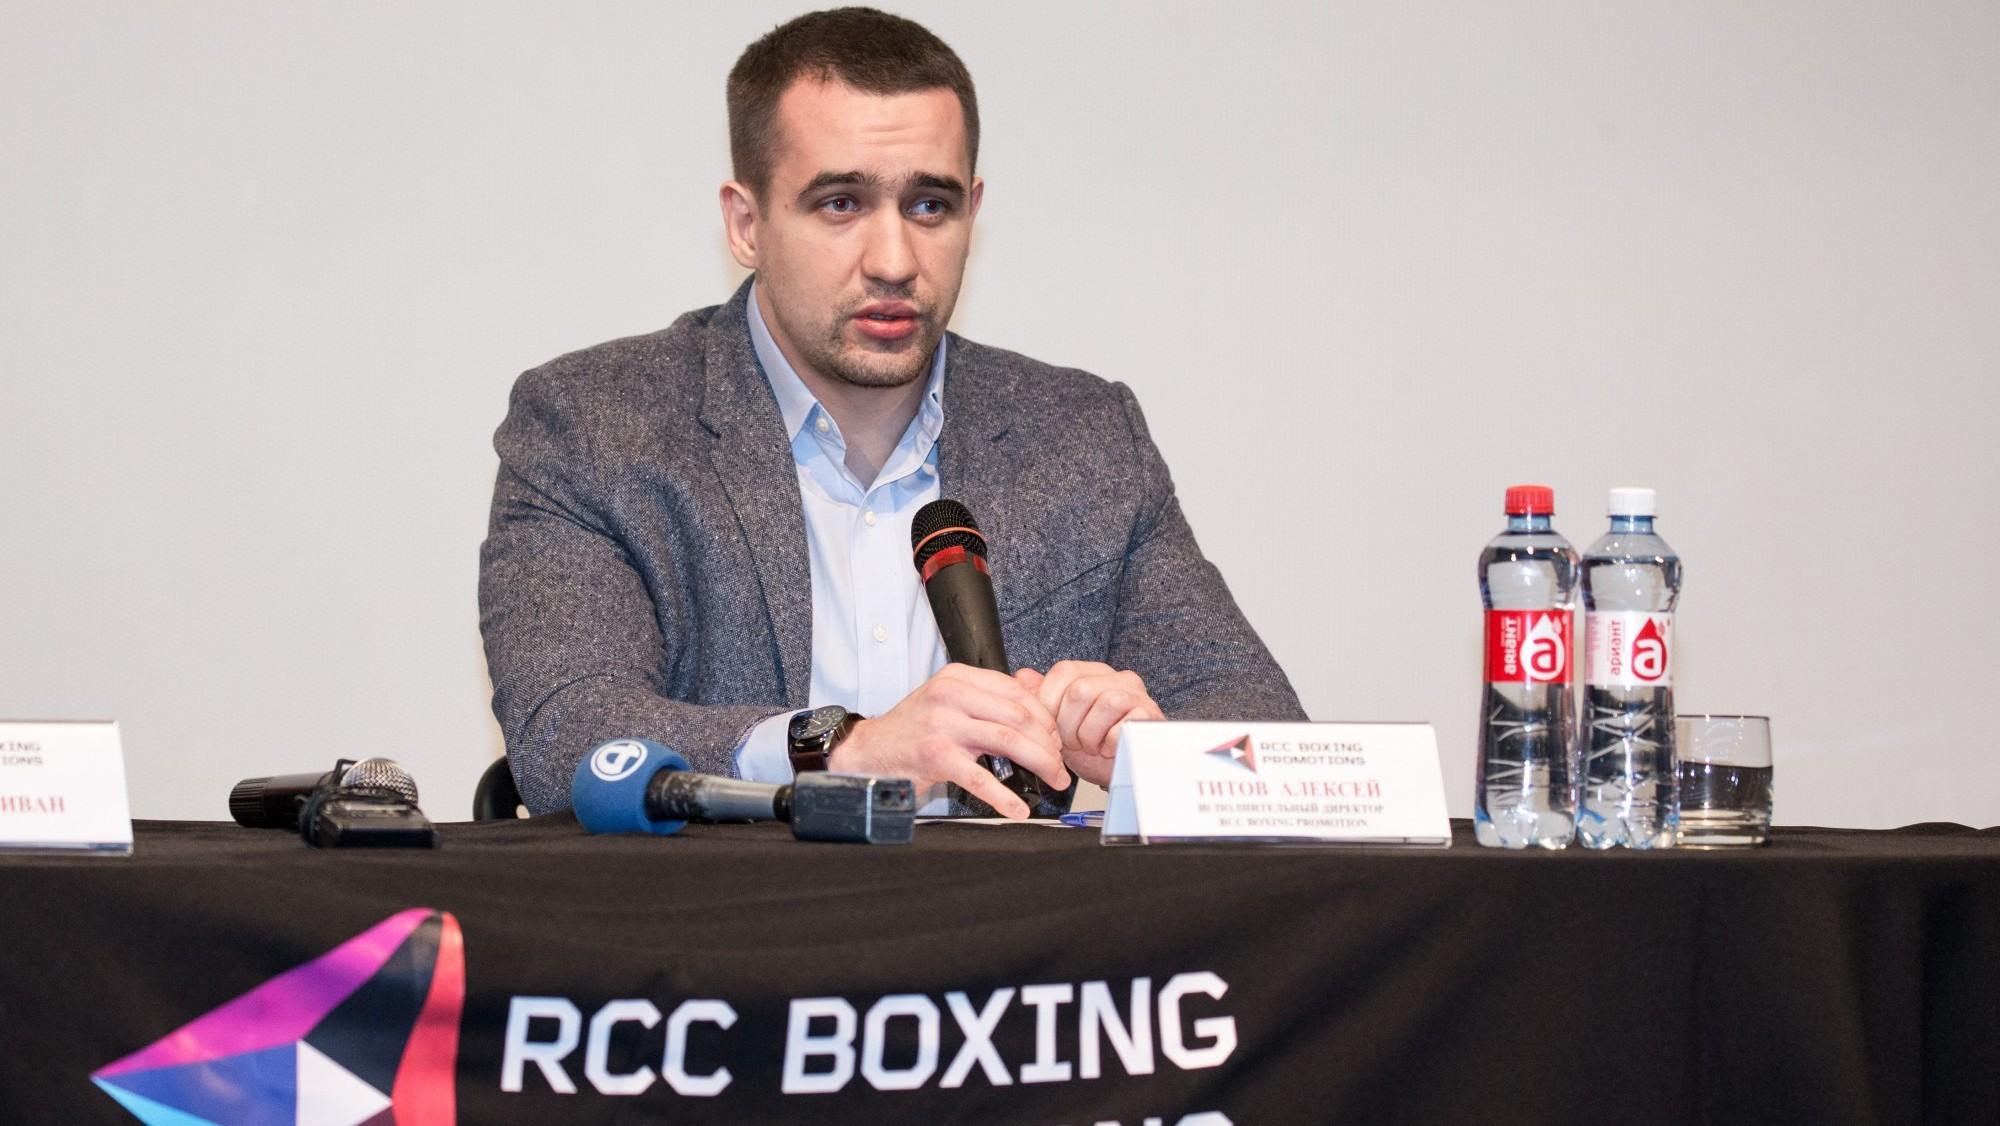 Путин пожелал успехов участникам Первого интернационального боксерского форума